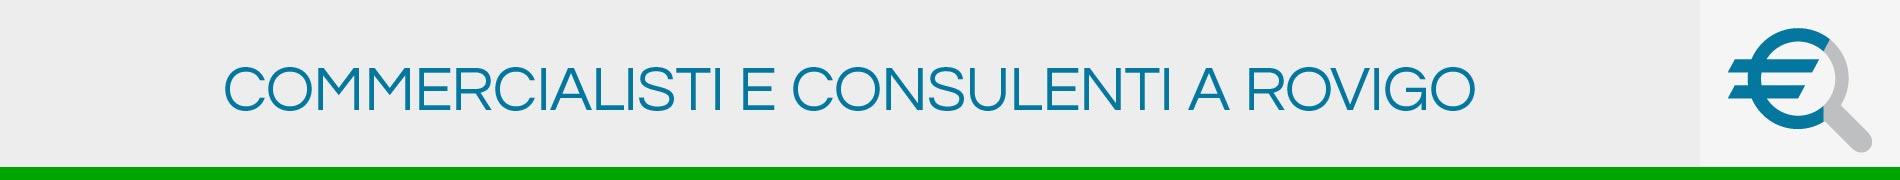 Commercialisti e Consulenti a Rovigo